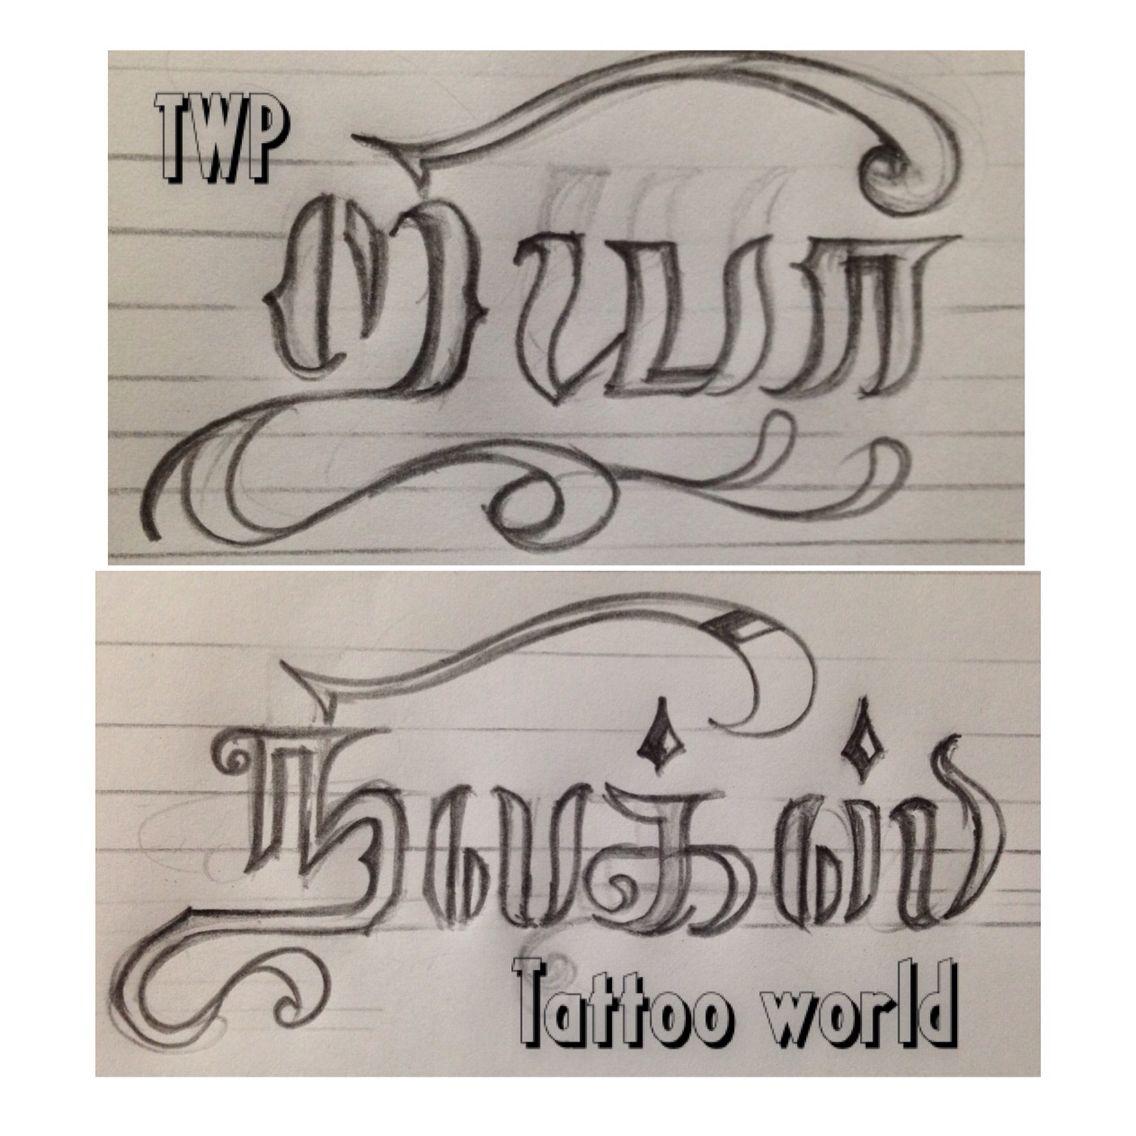 Tamil font tattoo